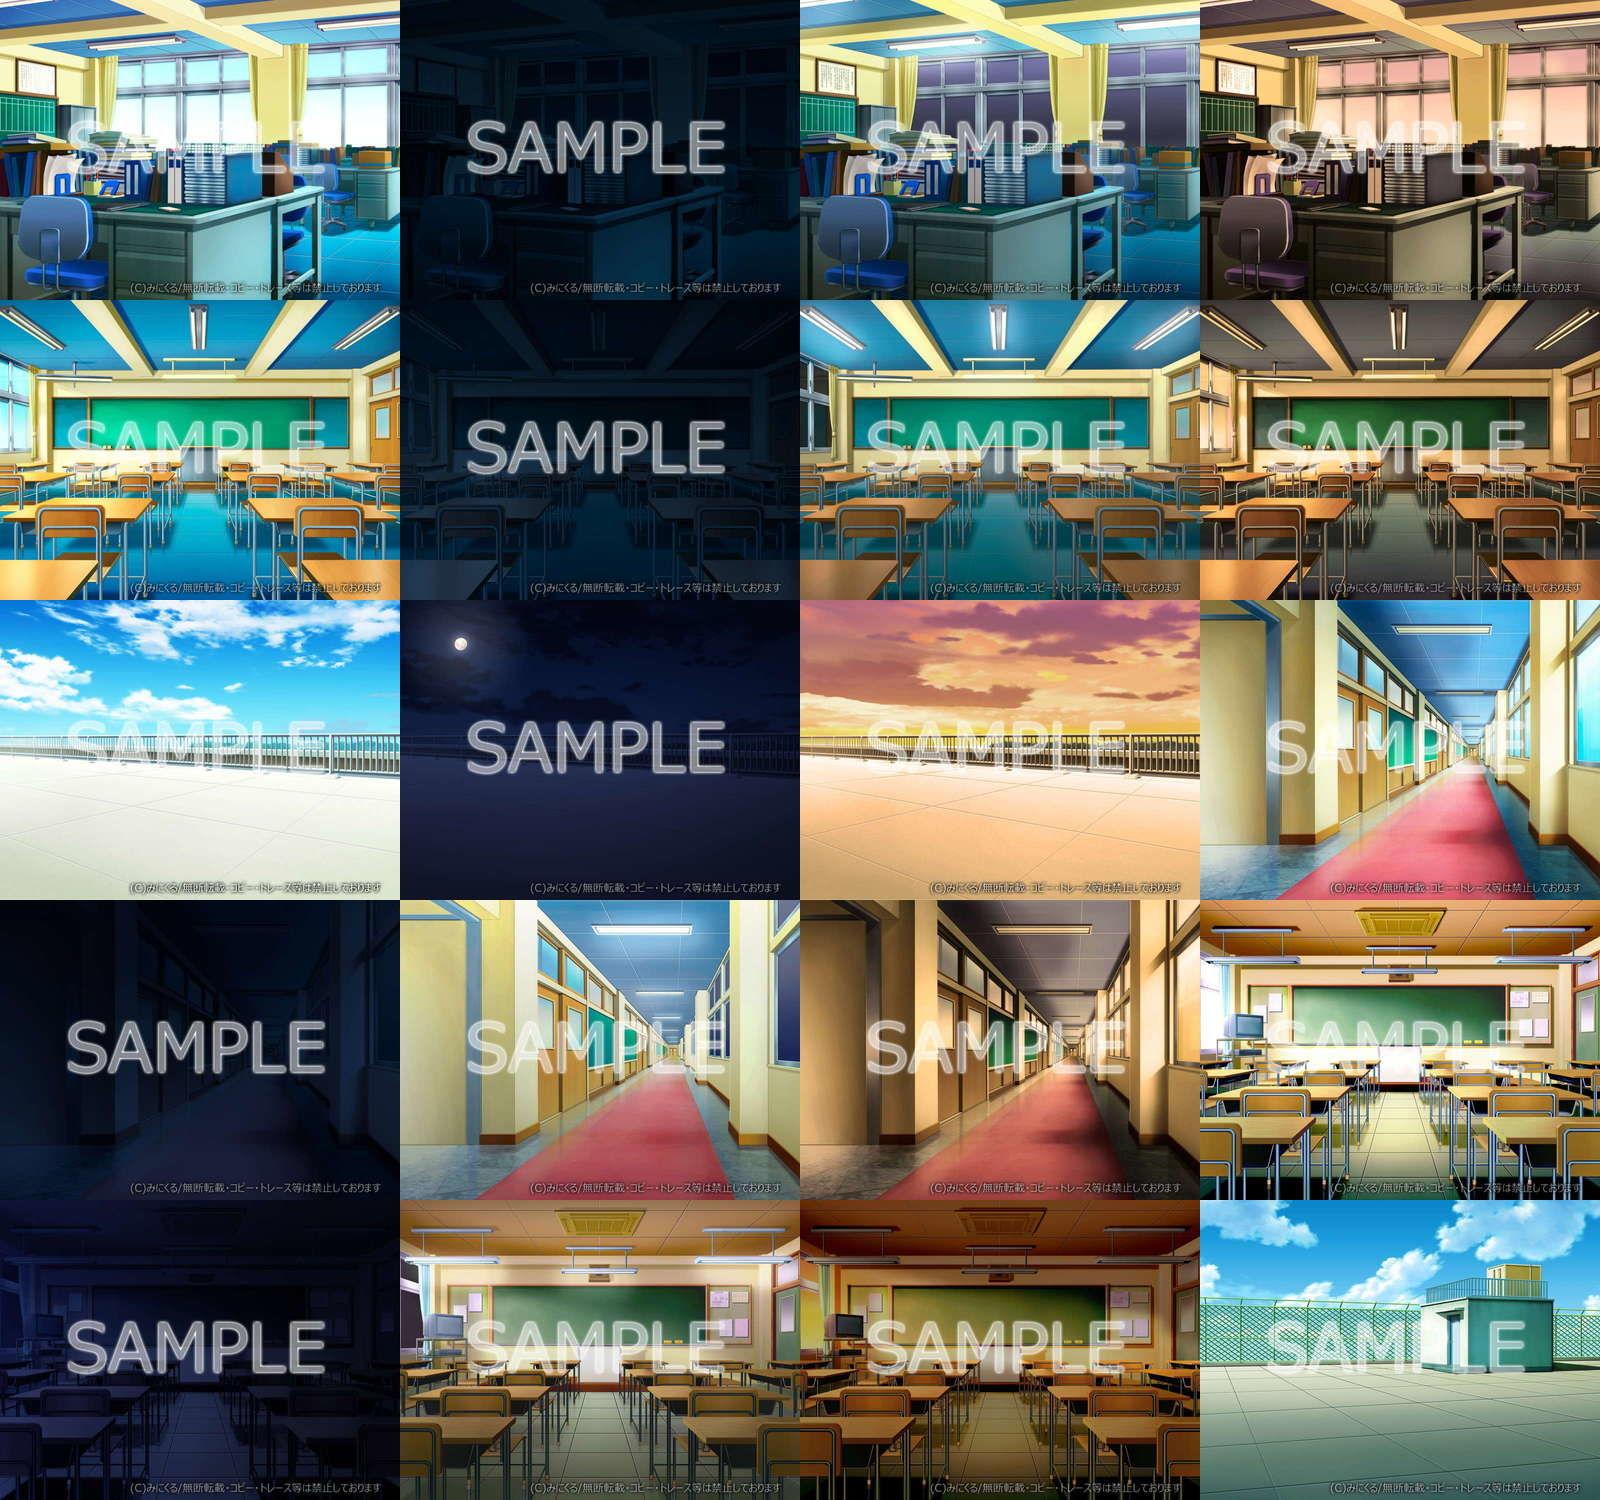 みにくる背景CG素材集『学園編』part01&03+α エロ画像